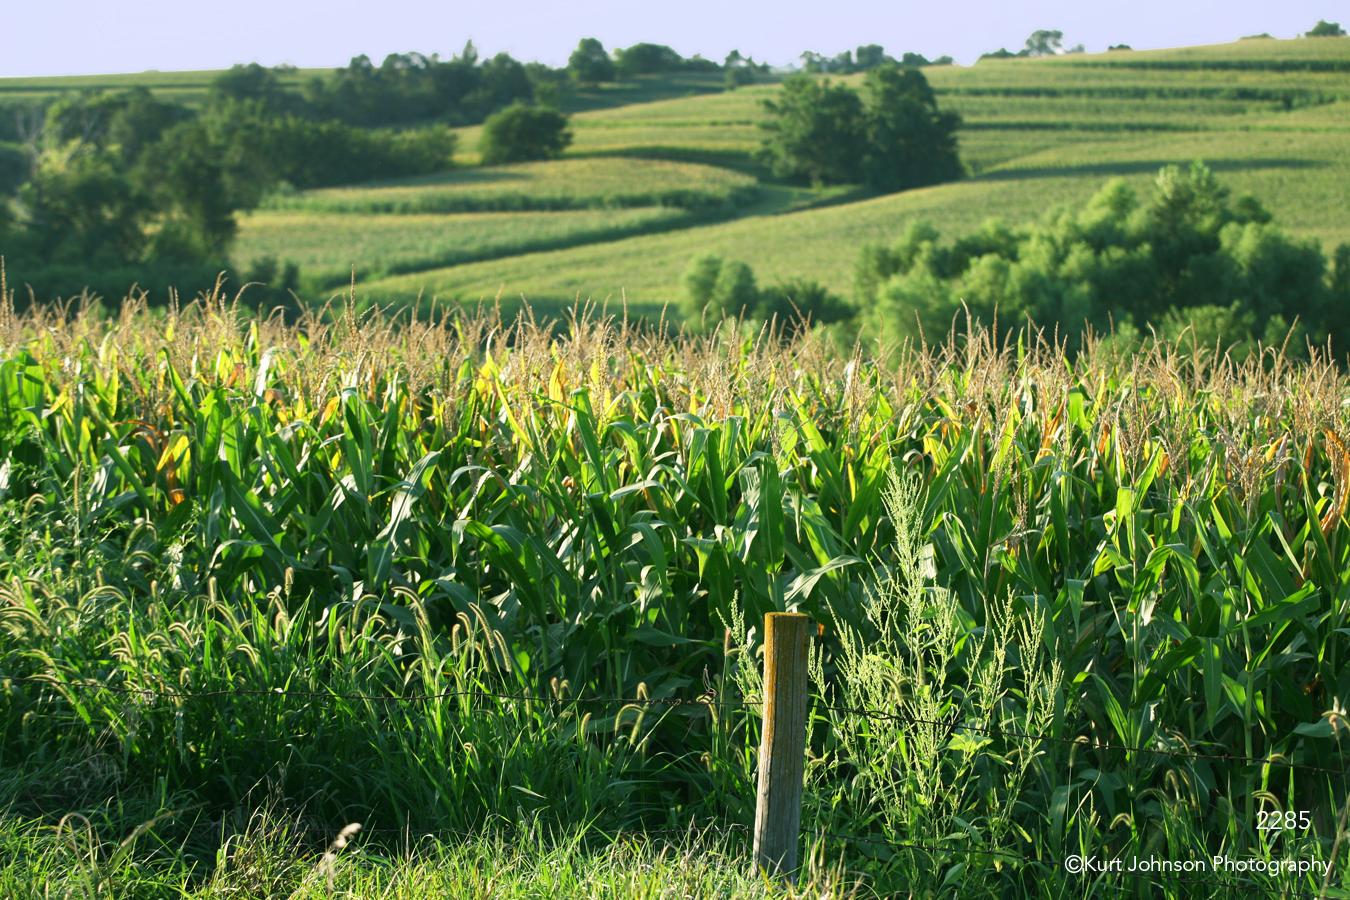 landscape fields crops corn rural fence